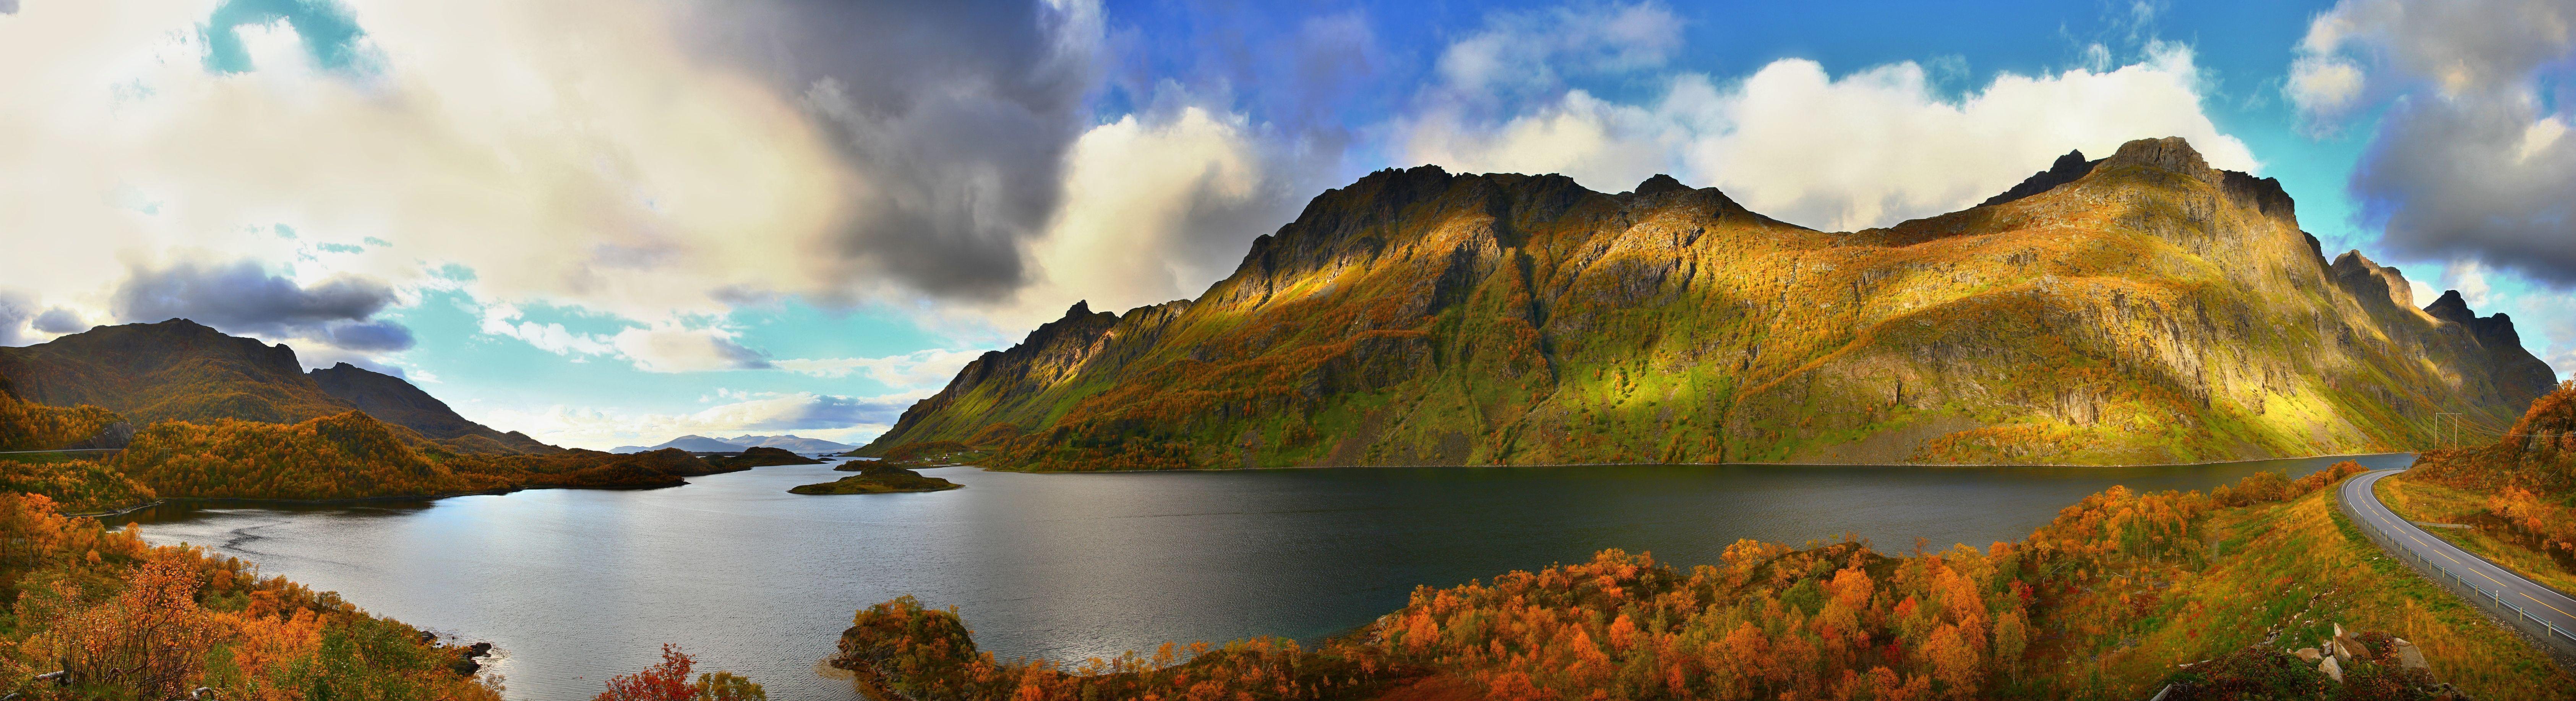 Озеро, горы, отражение, облака, панорама, пейзаж